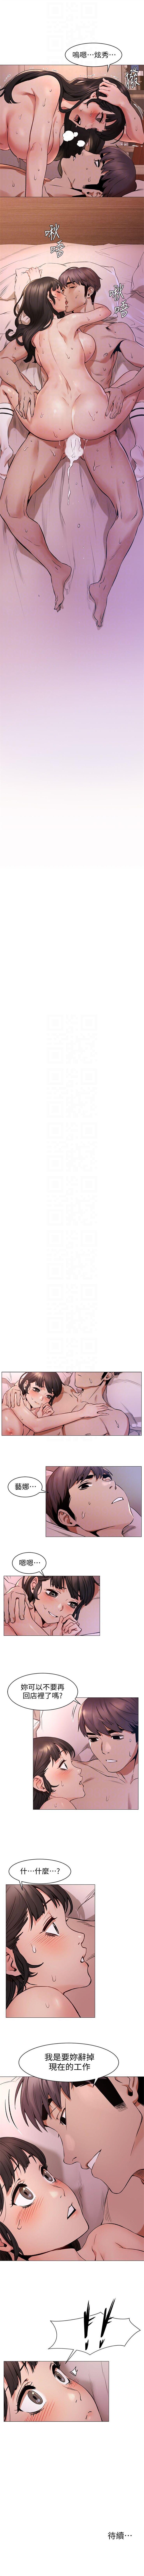 (週5)衝突 1-91 中文翻譯 (更新中) 388